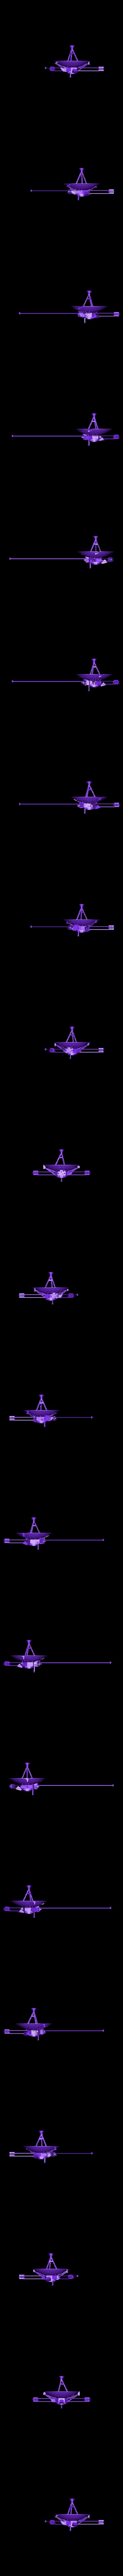 Pioneer.stl Download free STL file Pioneer • 3D printing model, spac3D